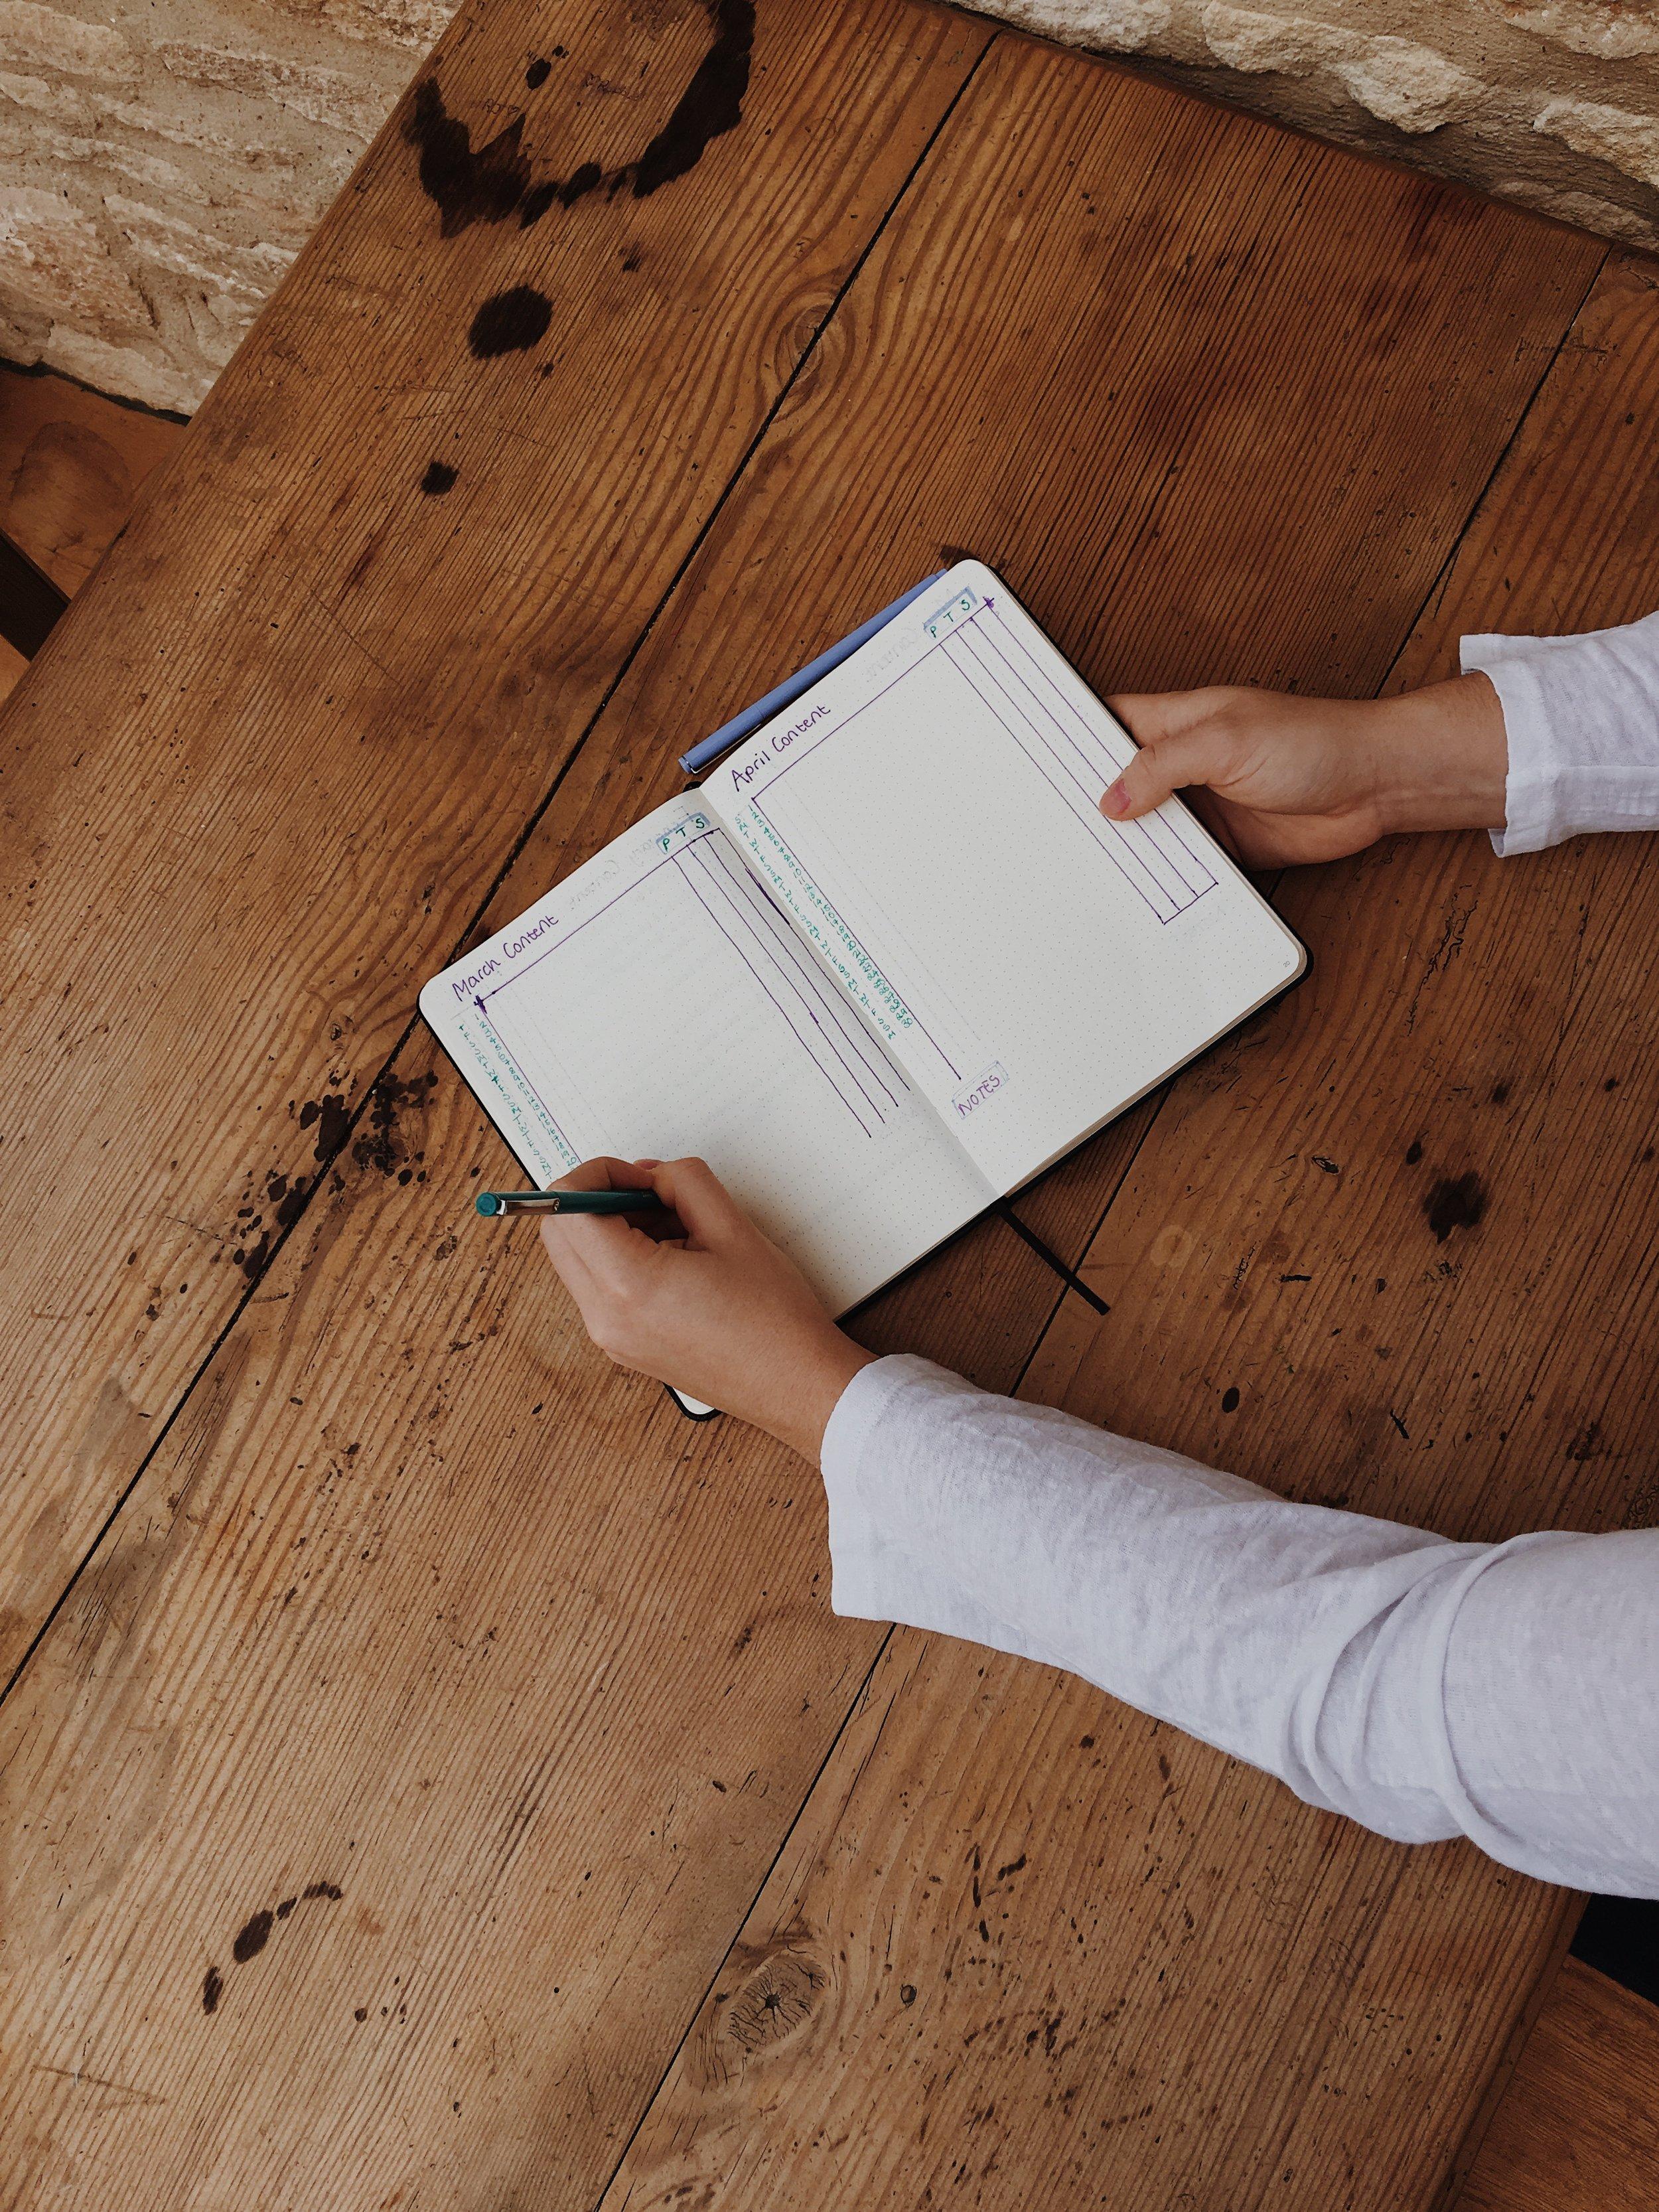 Bullet Journal planning